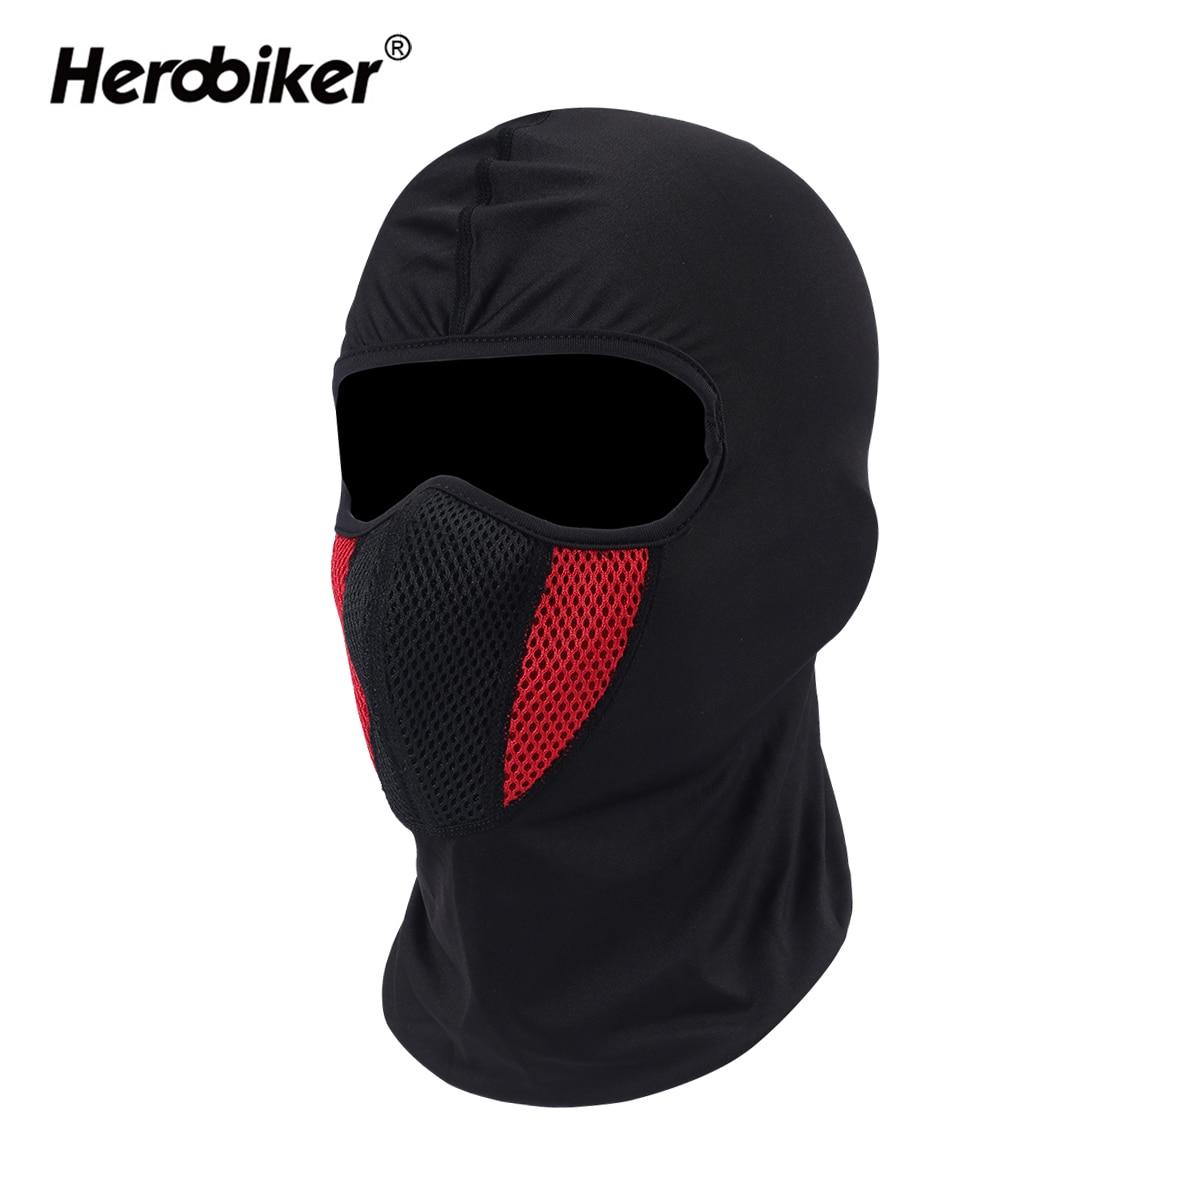 HEROBIKER Balaclava Moto Motocicleta Máscara Facial Tactical Airsoft Paintball Ciclismo Bicicleta Ski Capacete Do Exército Proteção Máscara Facial